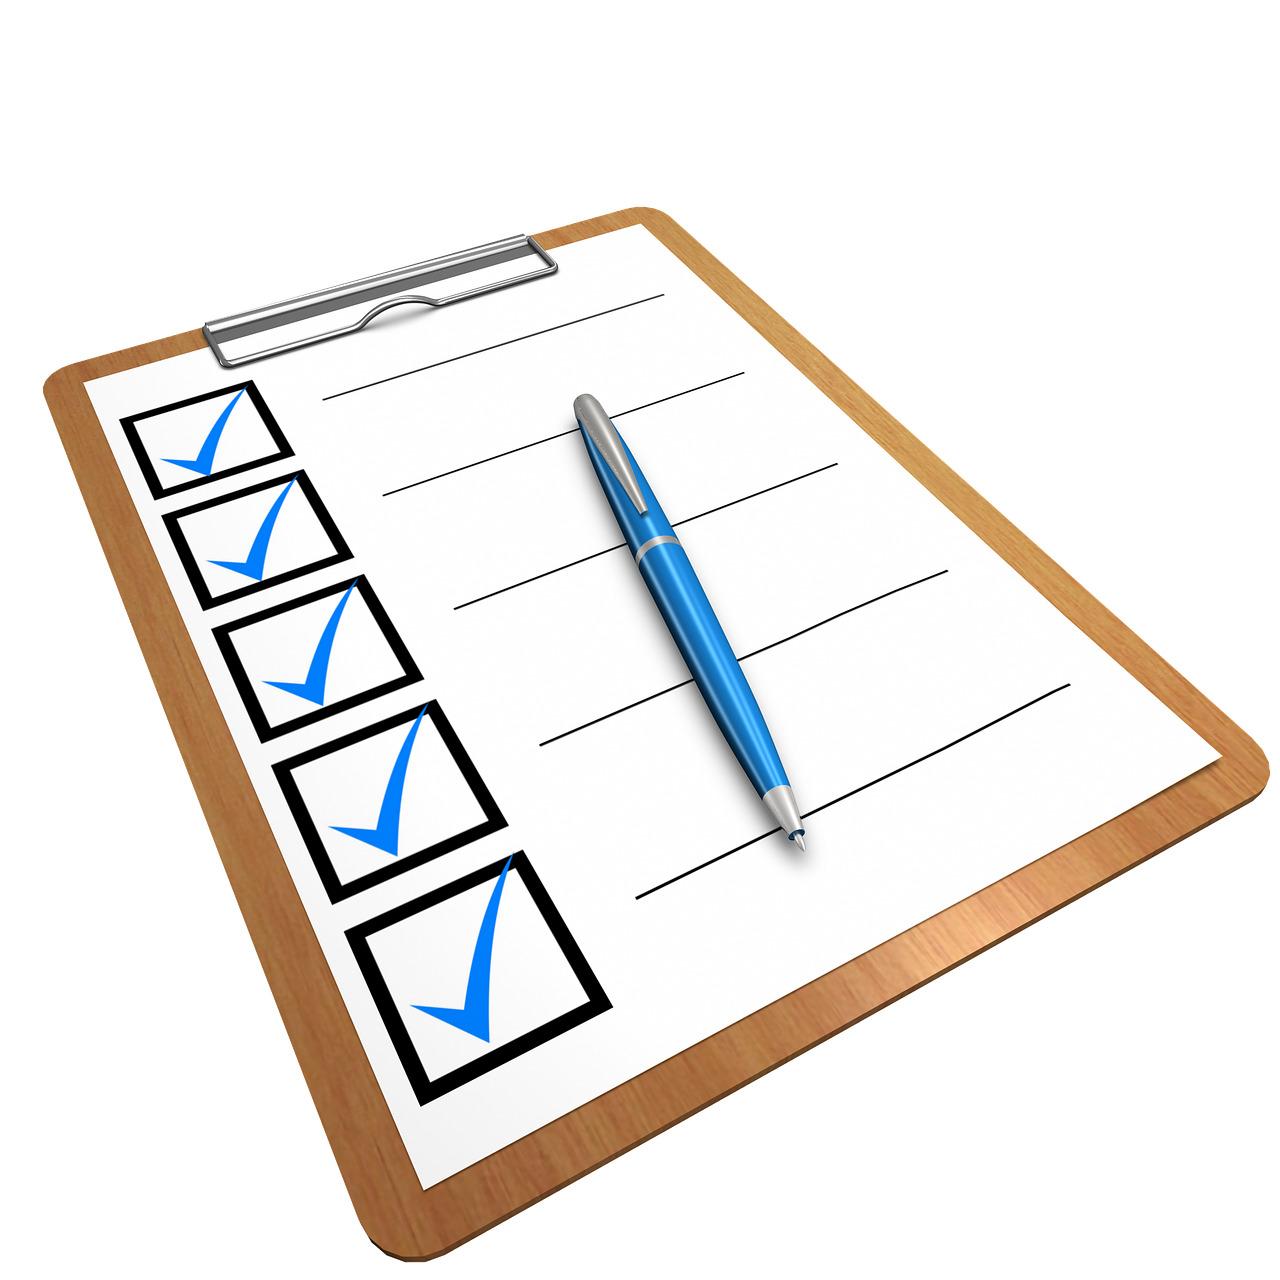 La forma más fácil de crear una lista de prospectos con un directorio de  negocios - Bolsamanía.com